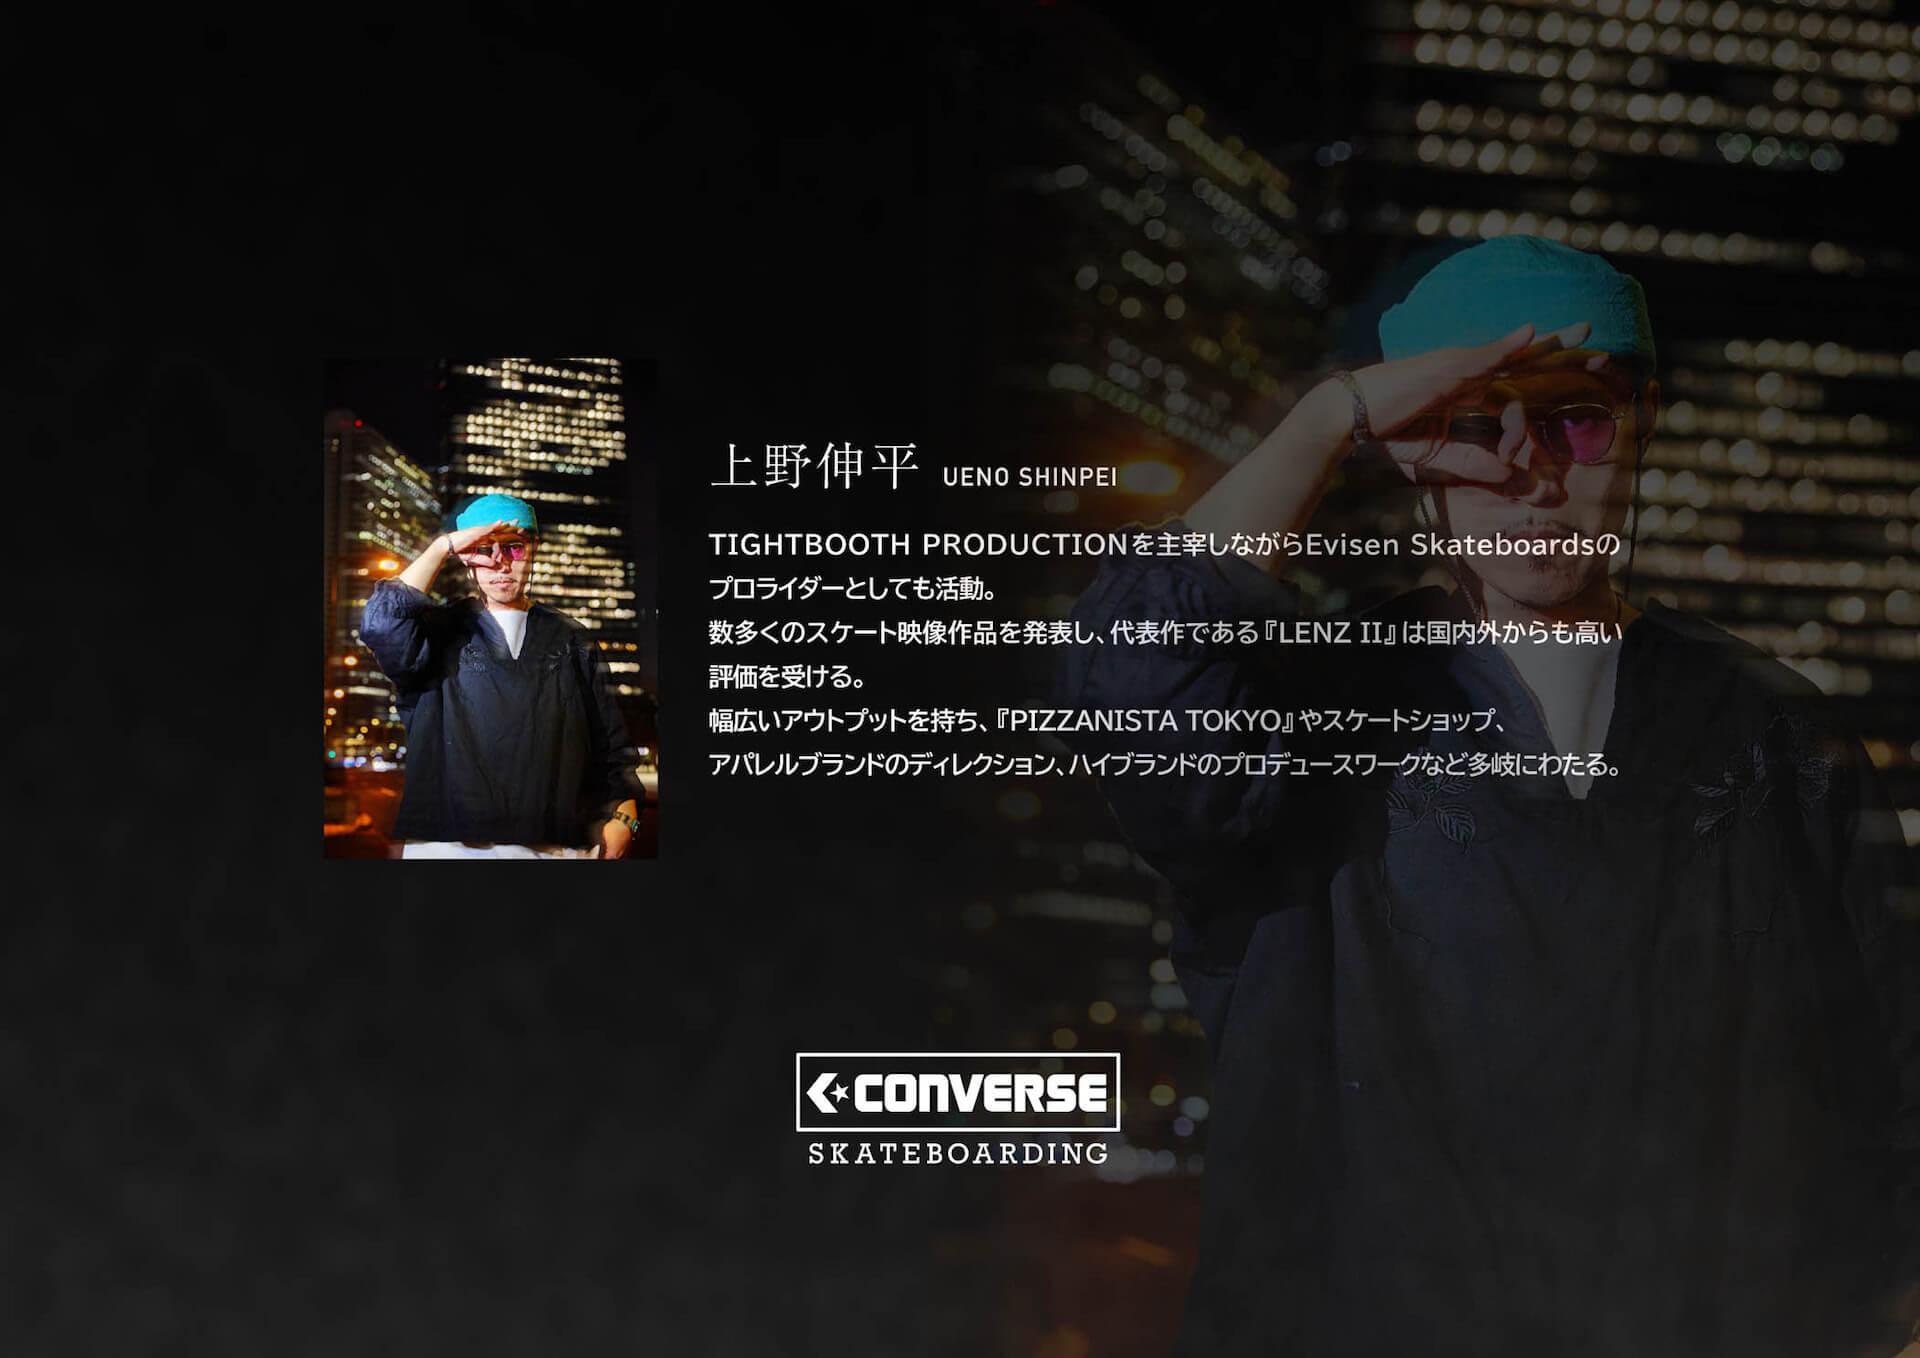 CONVERSE SKATEBOARDINGからTIGHTBOOTH・上野伸平シグネチャーモデルが発売決定!16mmフィルムで撮影したショートクリップも公開 life210209_converse_uenoshinpei_10